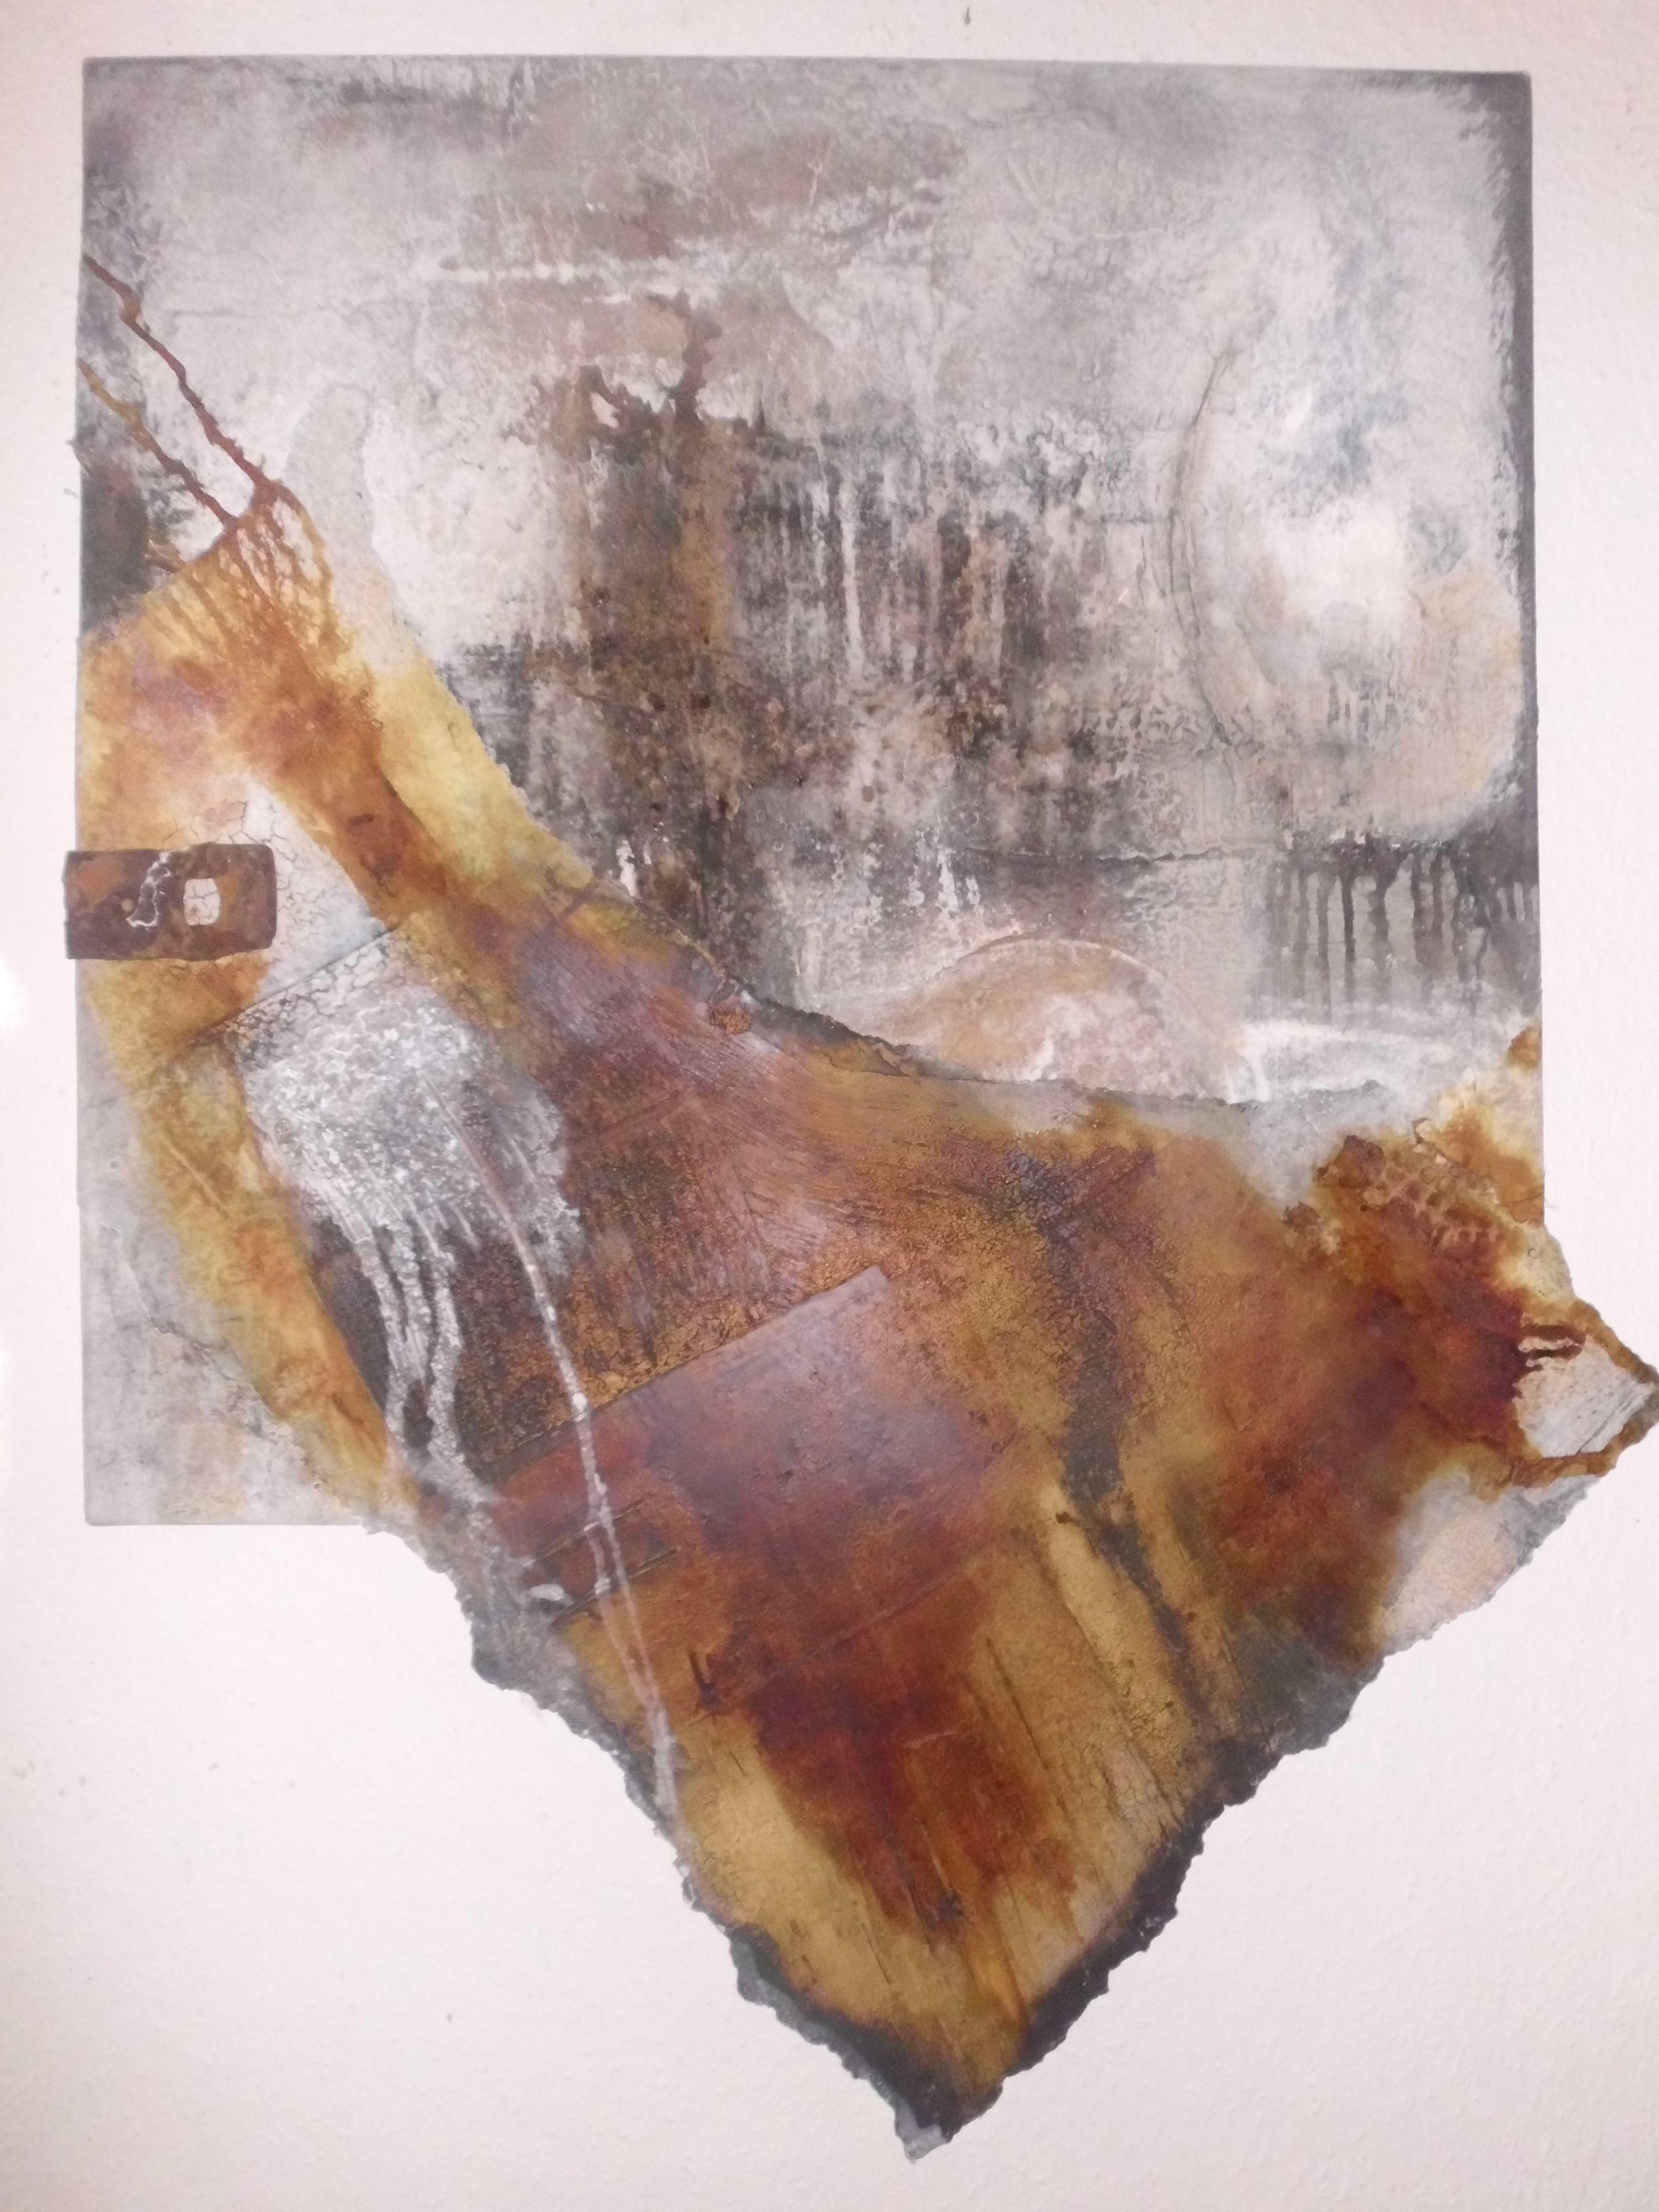 Gallerphot Abstrakte Malerei Techniken